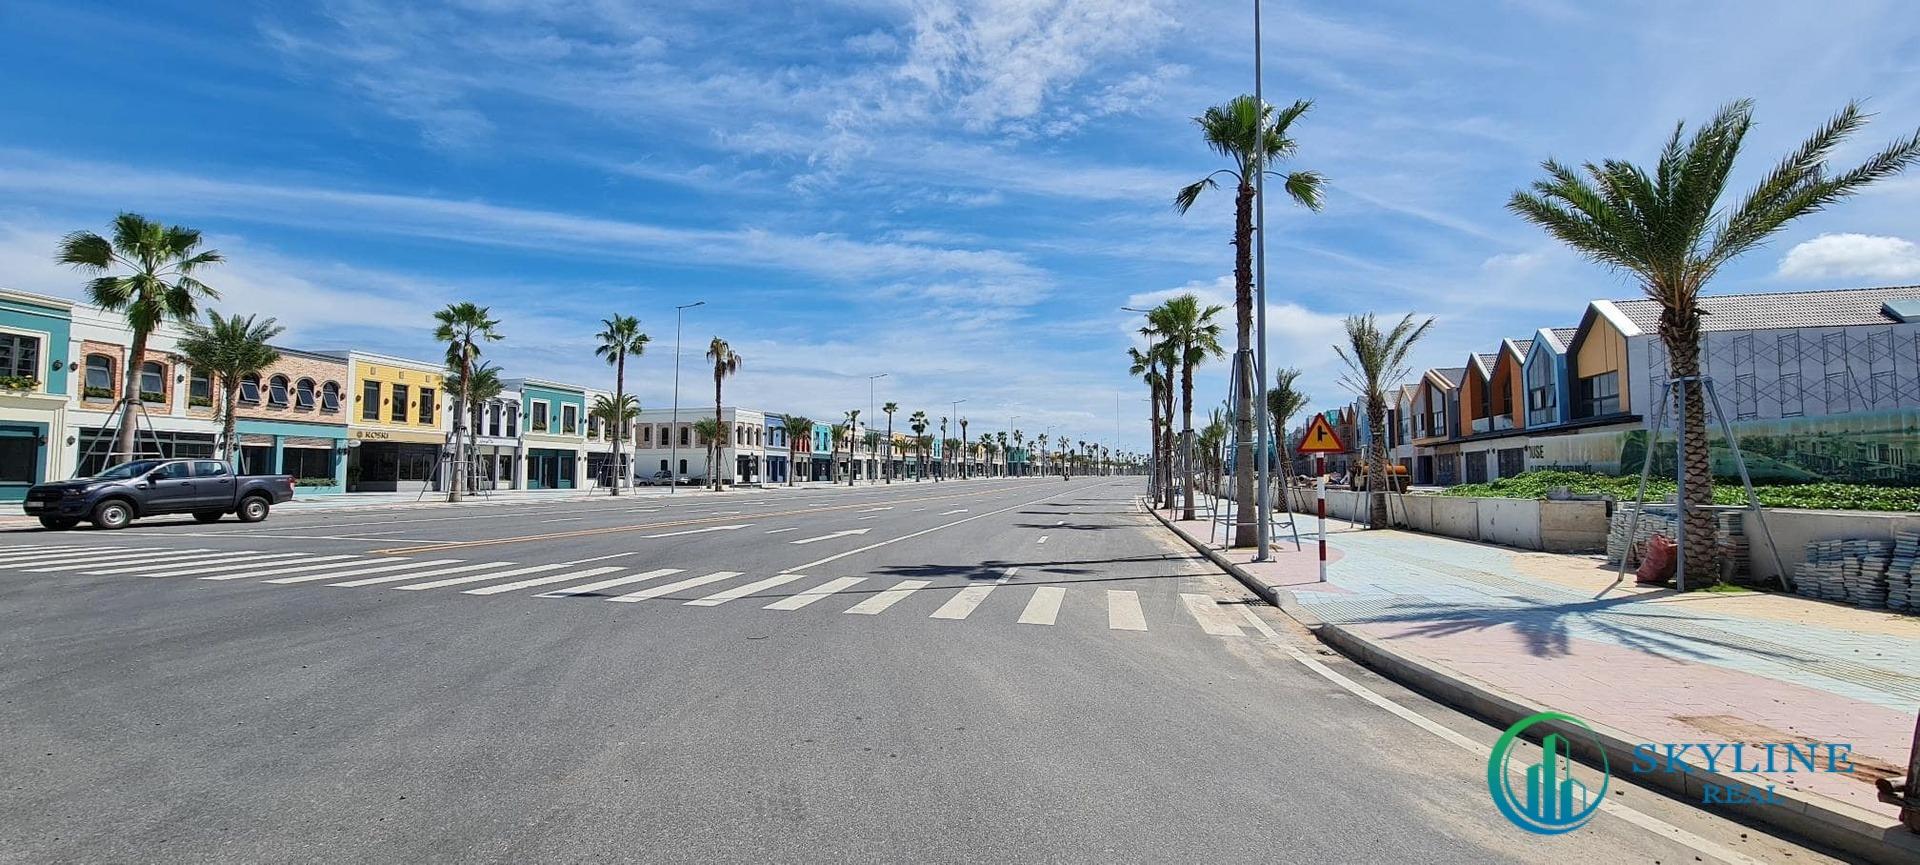 Chuỗi shophouse dọc trục đường ven biển đã mở rộng lên 42 m.